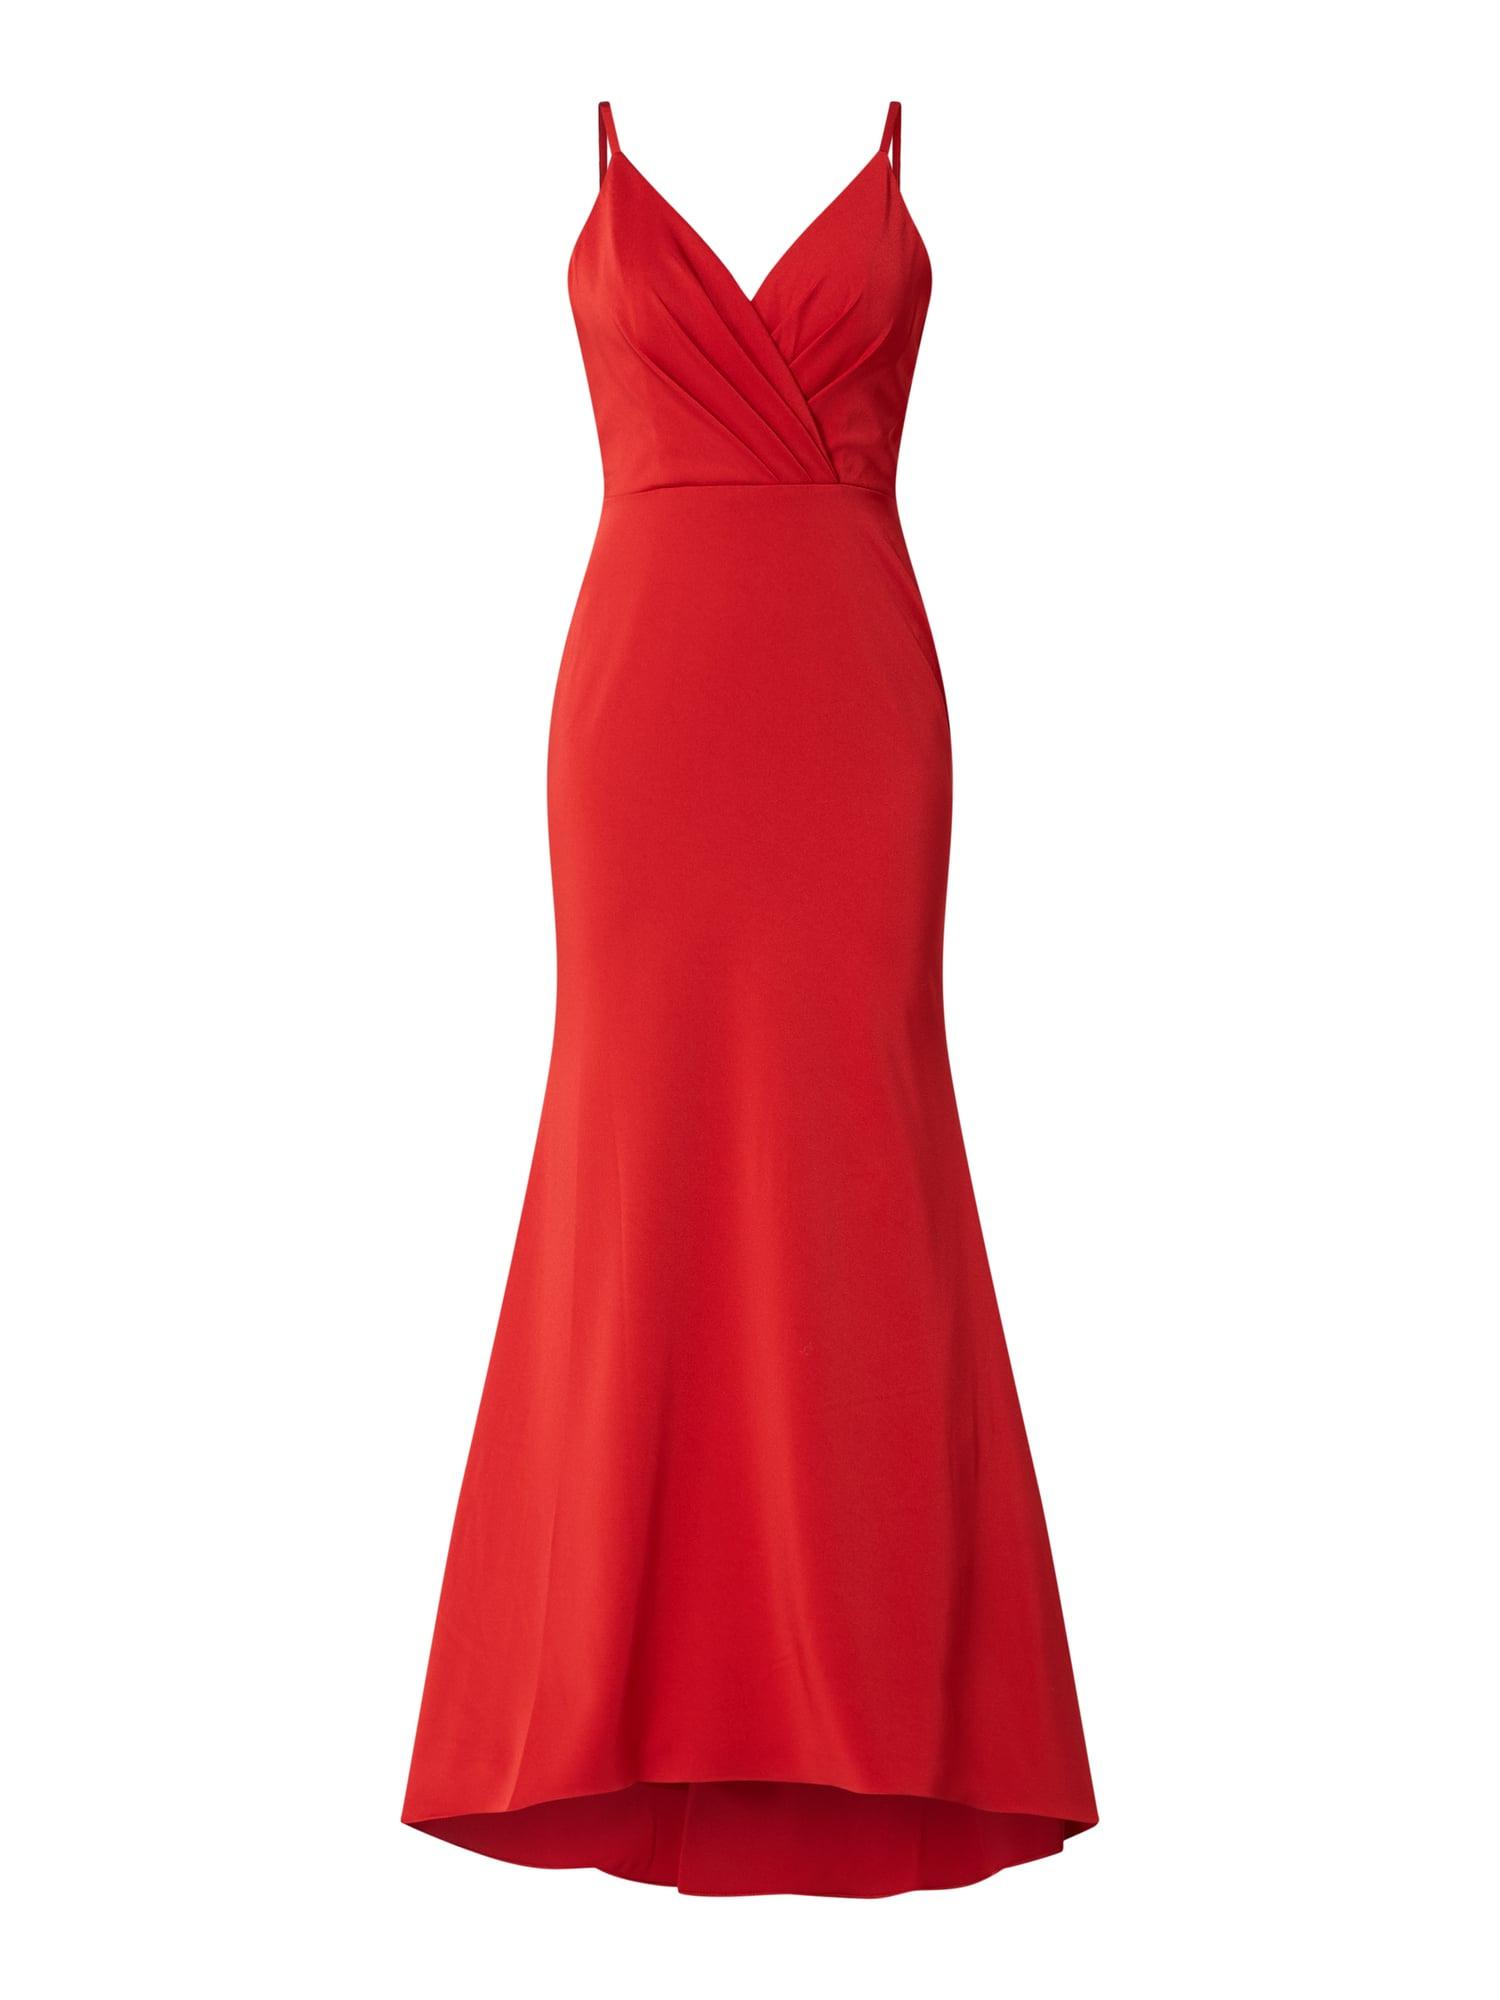 Großartig Unique Abendkleid Aus Satin Stylish20 Spektakulär Unique Abendkleid Aus Satin Design